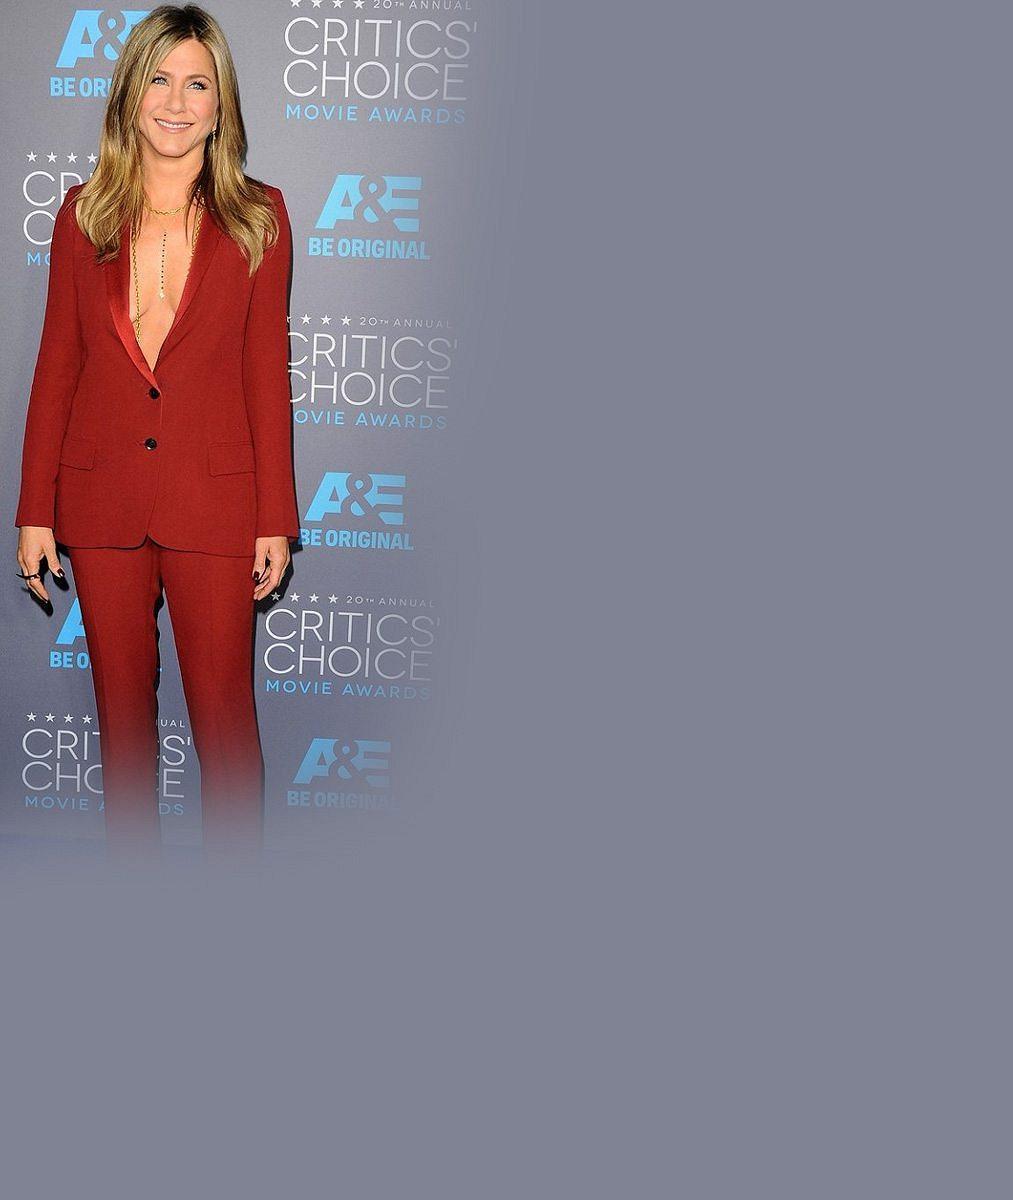 Obří výstřih bez podprsenky není pro každého: Jennifer Aniston spíše než na své přednosti upozornila na gravitační sílu